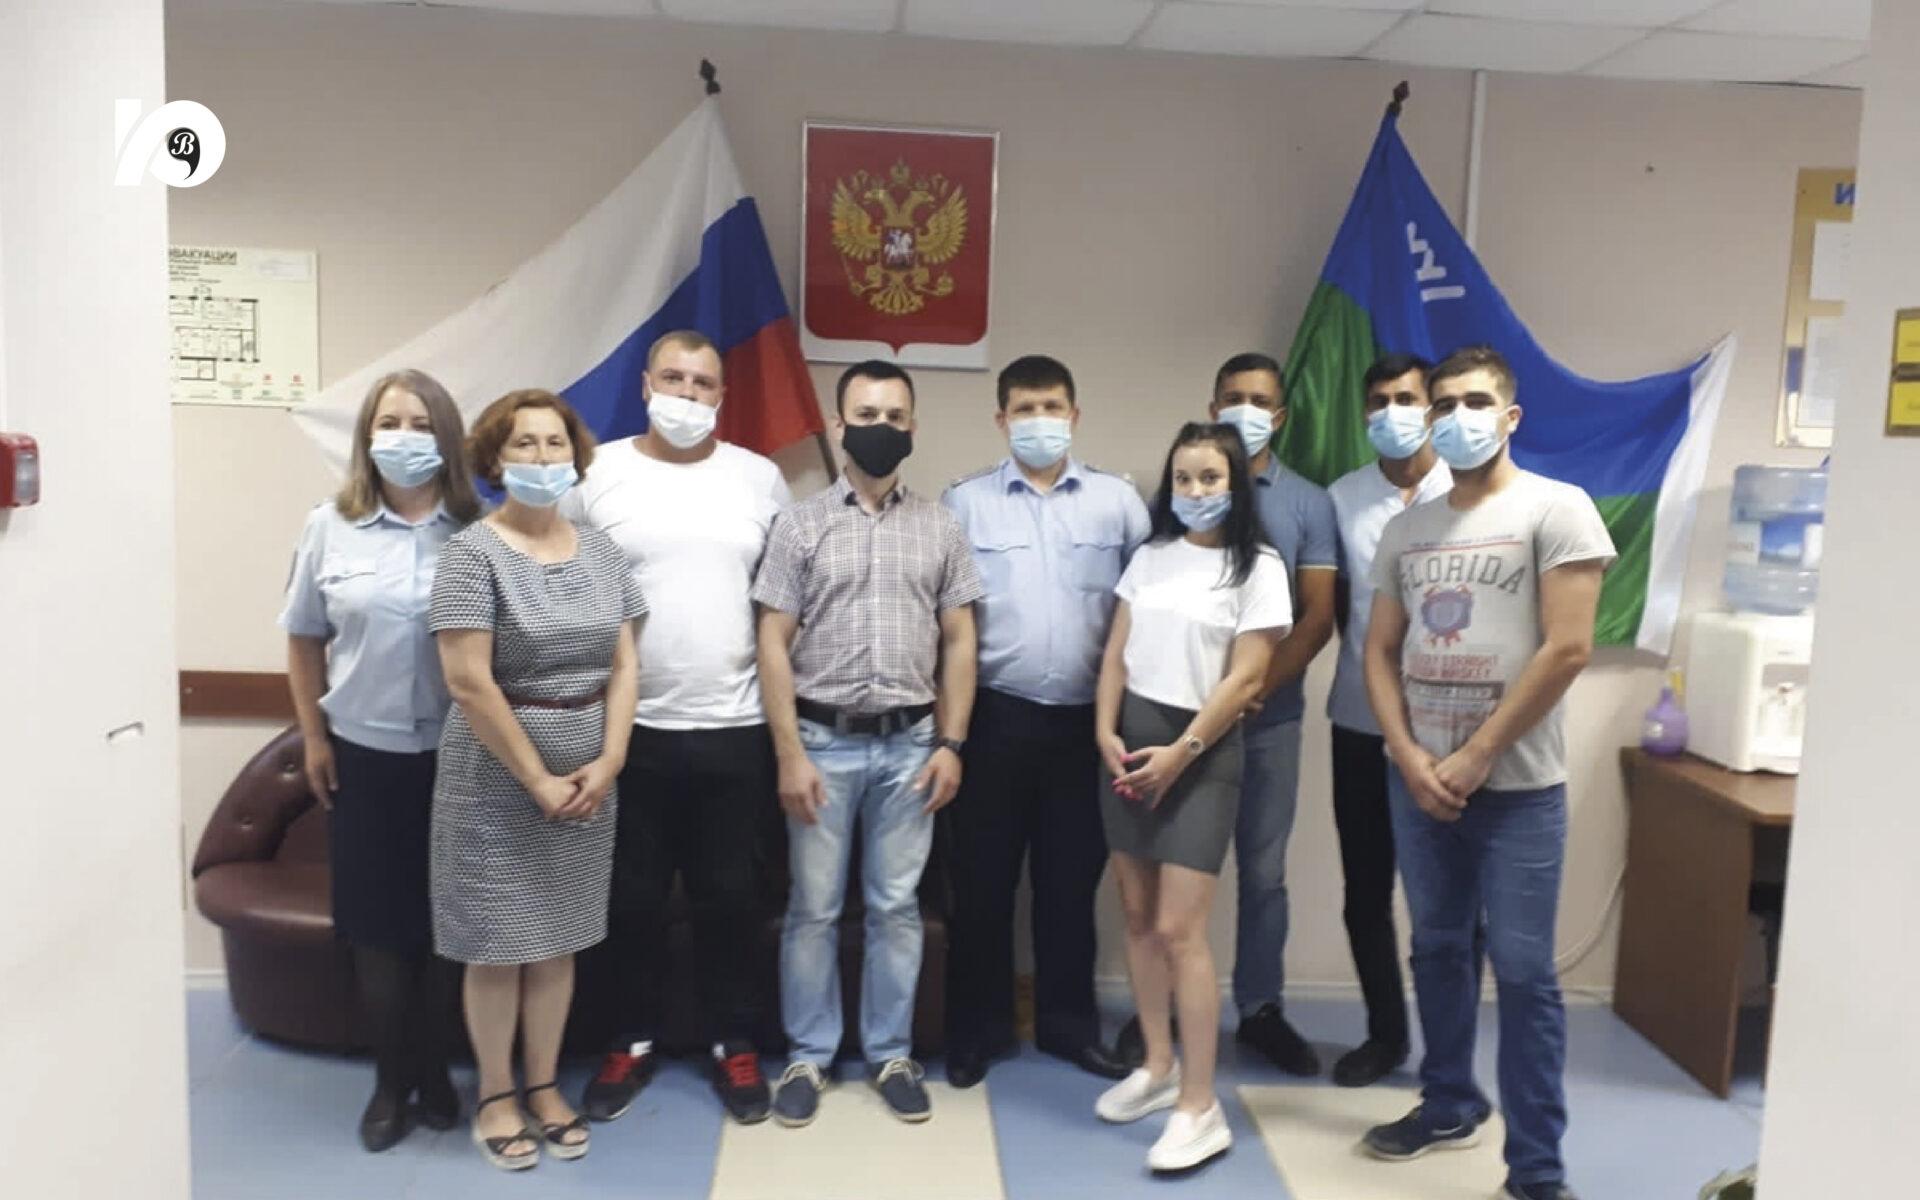 Иностранцы Югорска приняли Присягу гражданина Российской Федерации